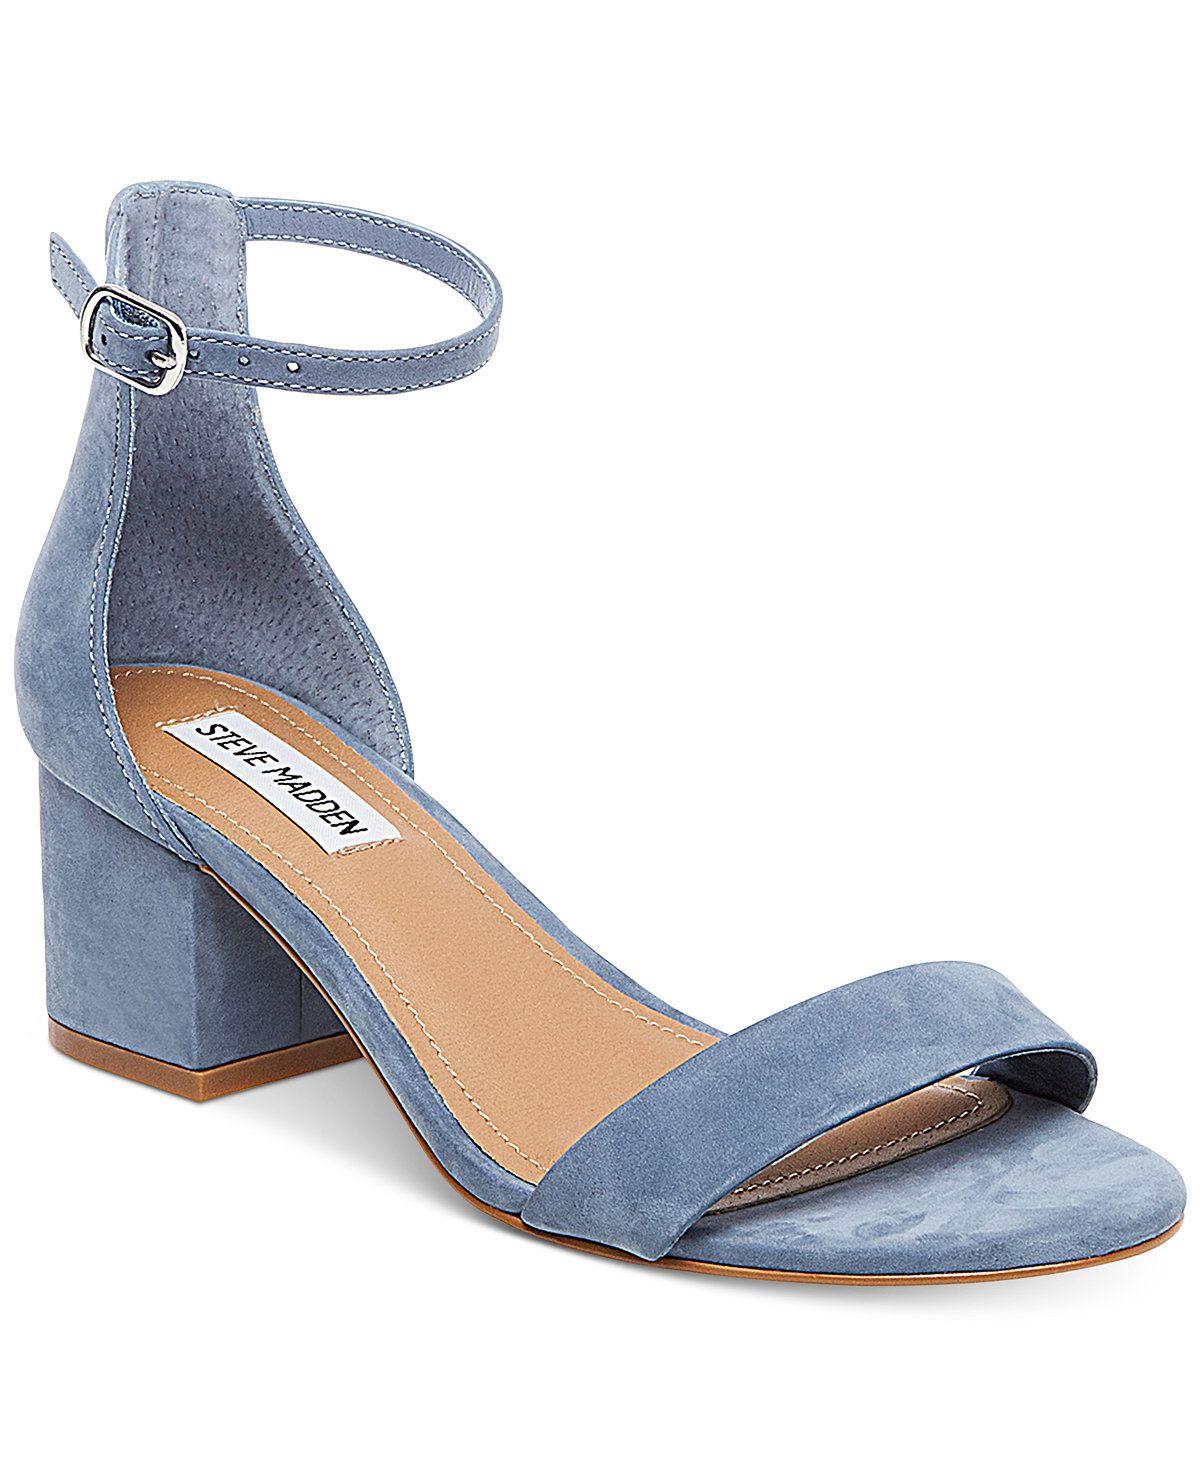 low heel suede sandals